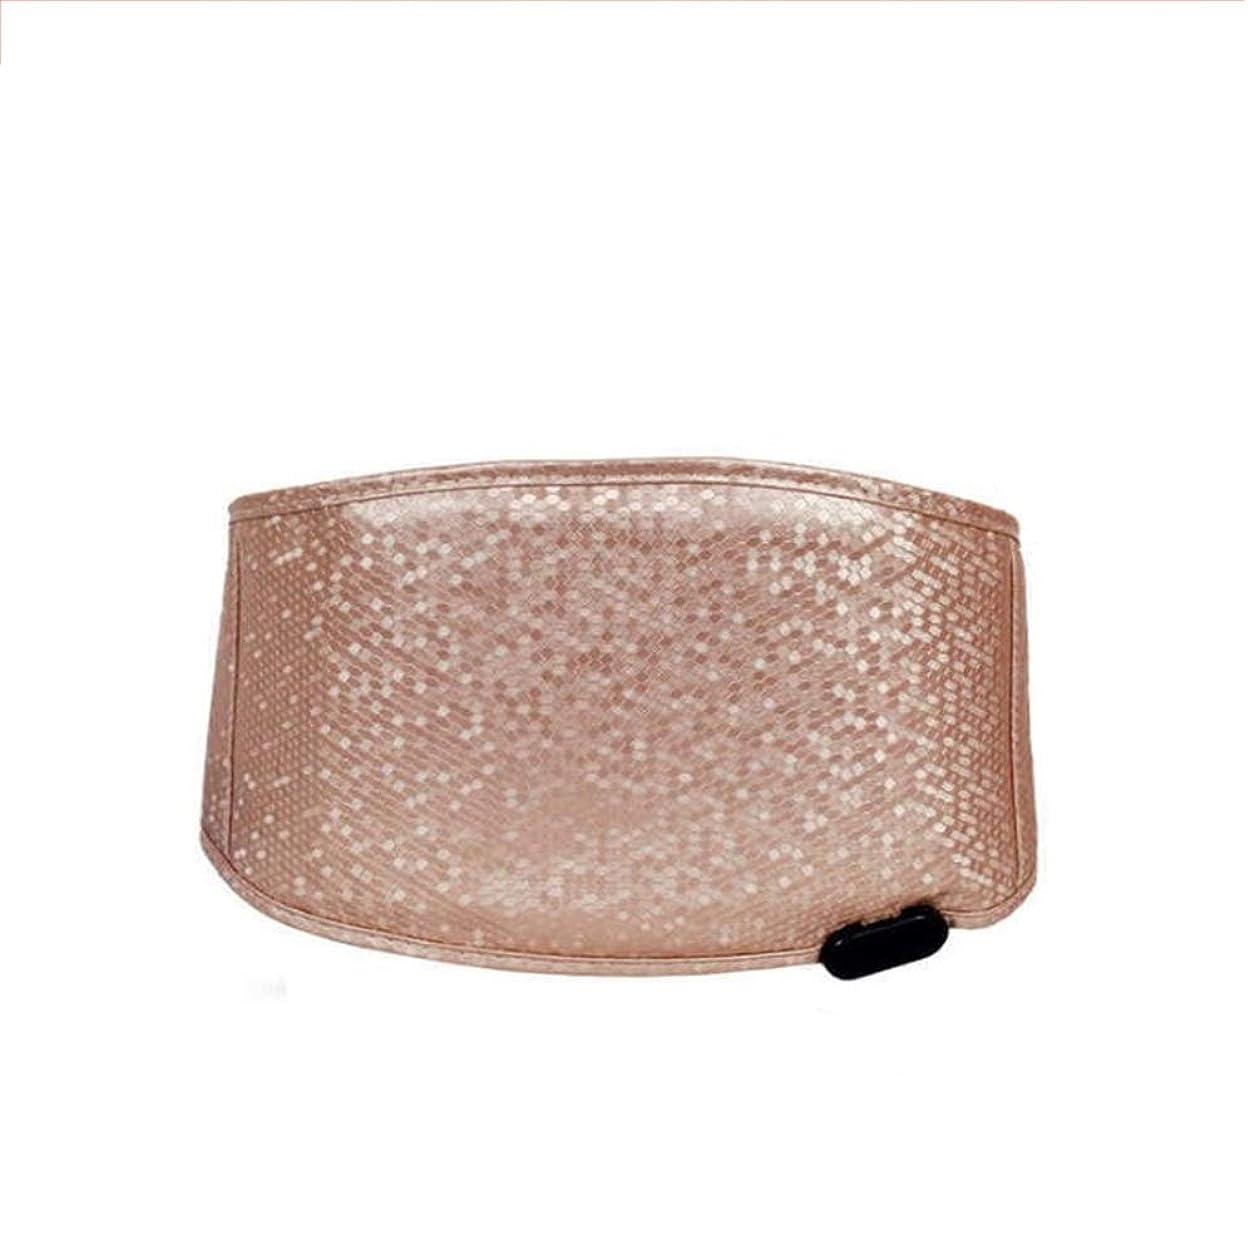 空傷つきやすいしたい加熱されたウエストブレース胃のけいれん月経治療背中の痛みのためのベルト暖房ラップバックパッド救済ポータブル腰椎サポート 腰痛保護バンド (色 : ゴールド, サイズ : FREE SIZE)